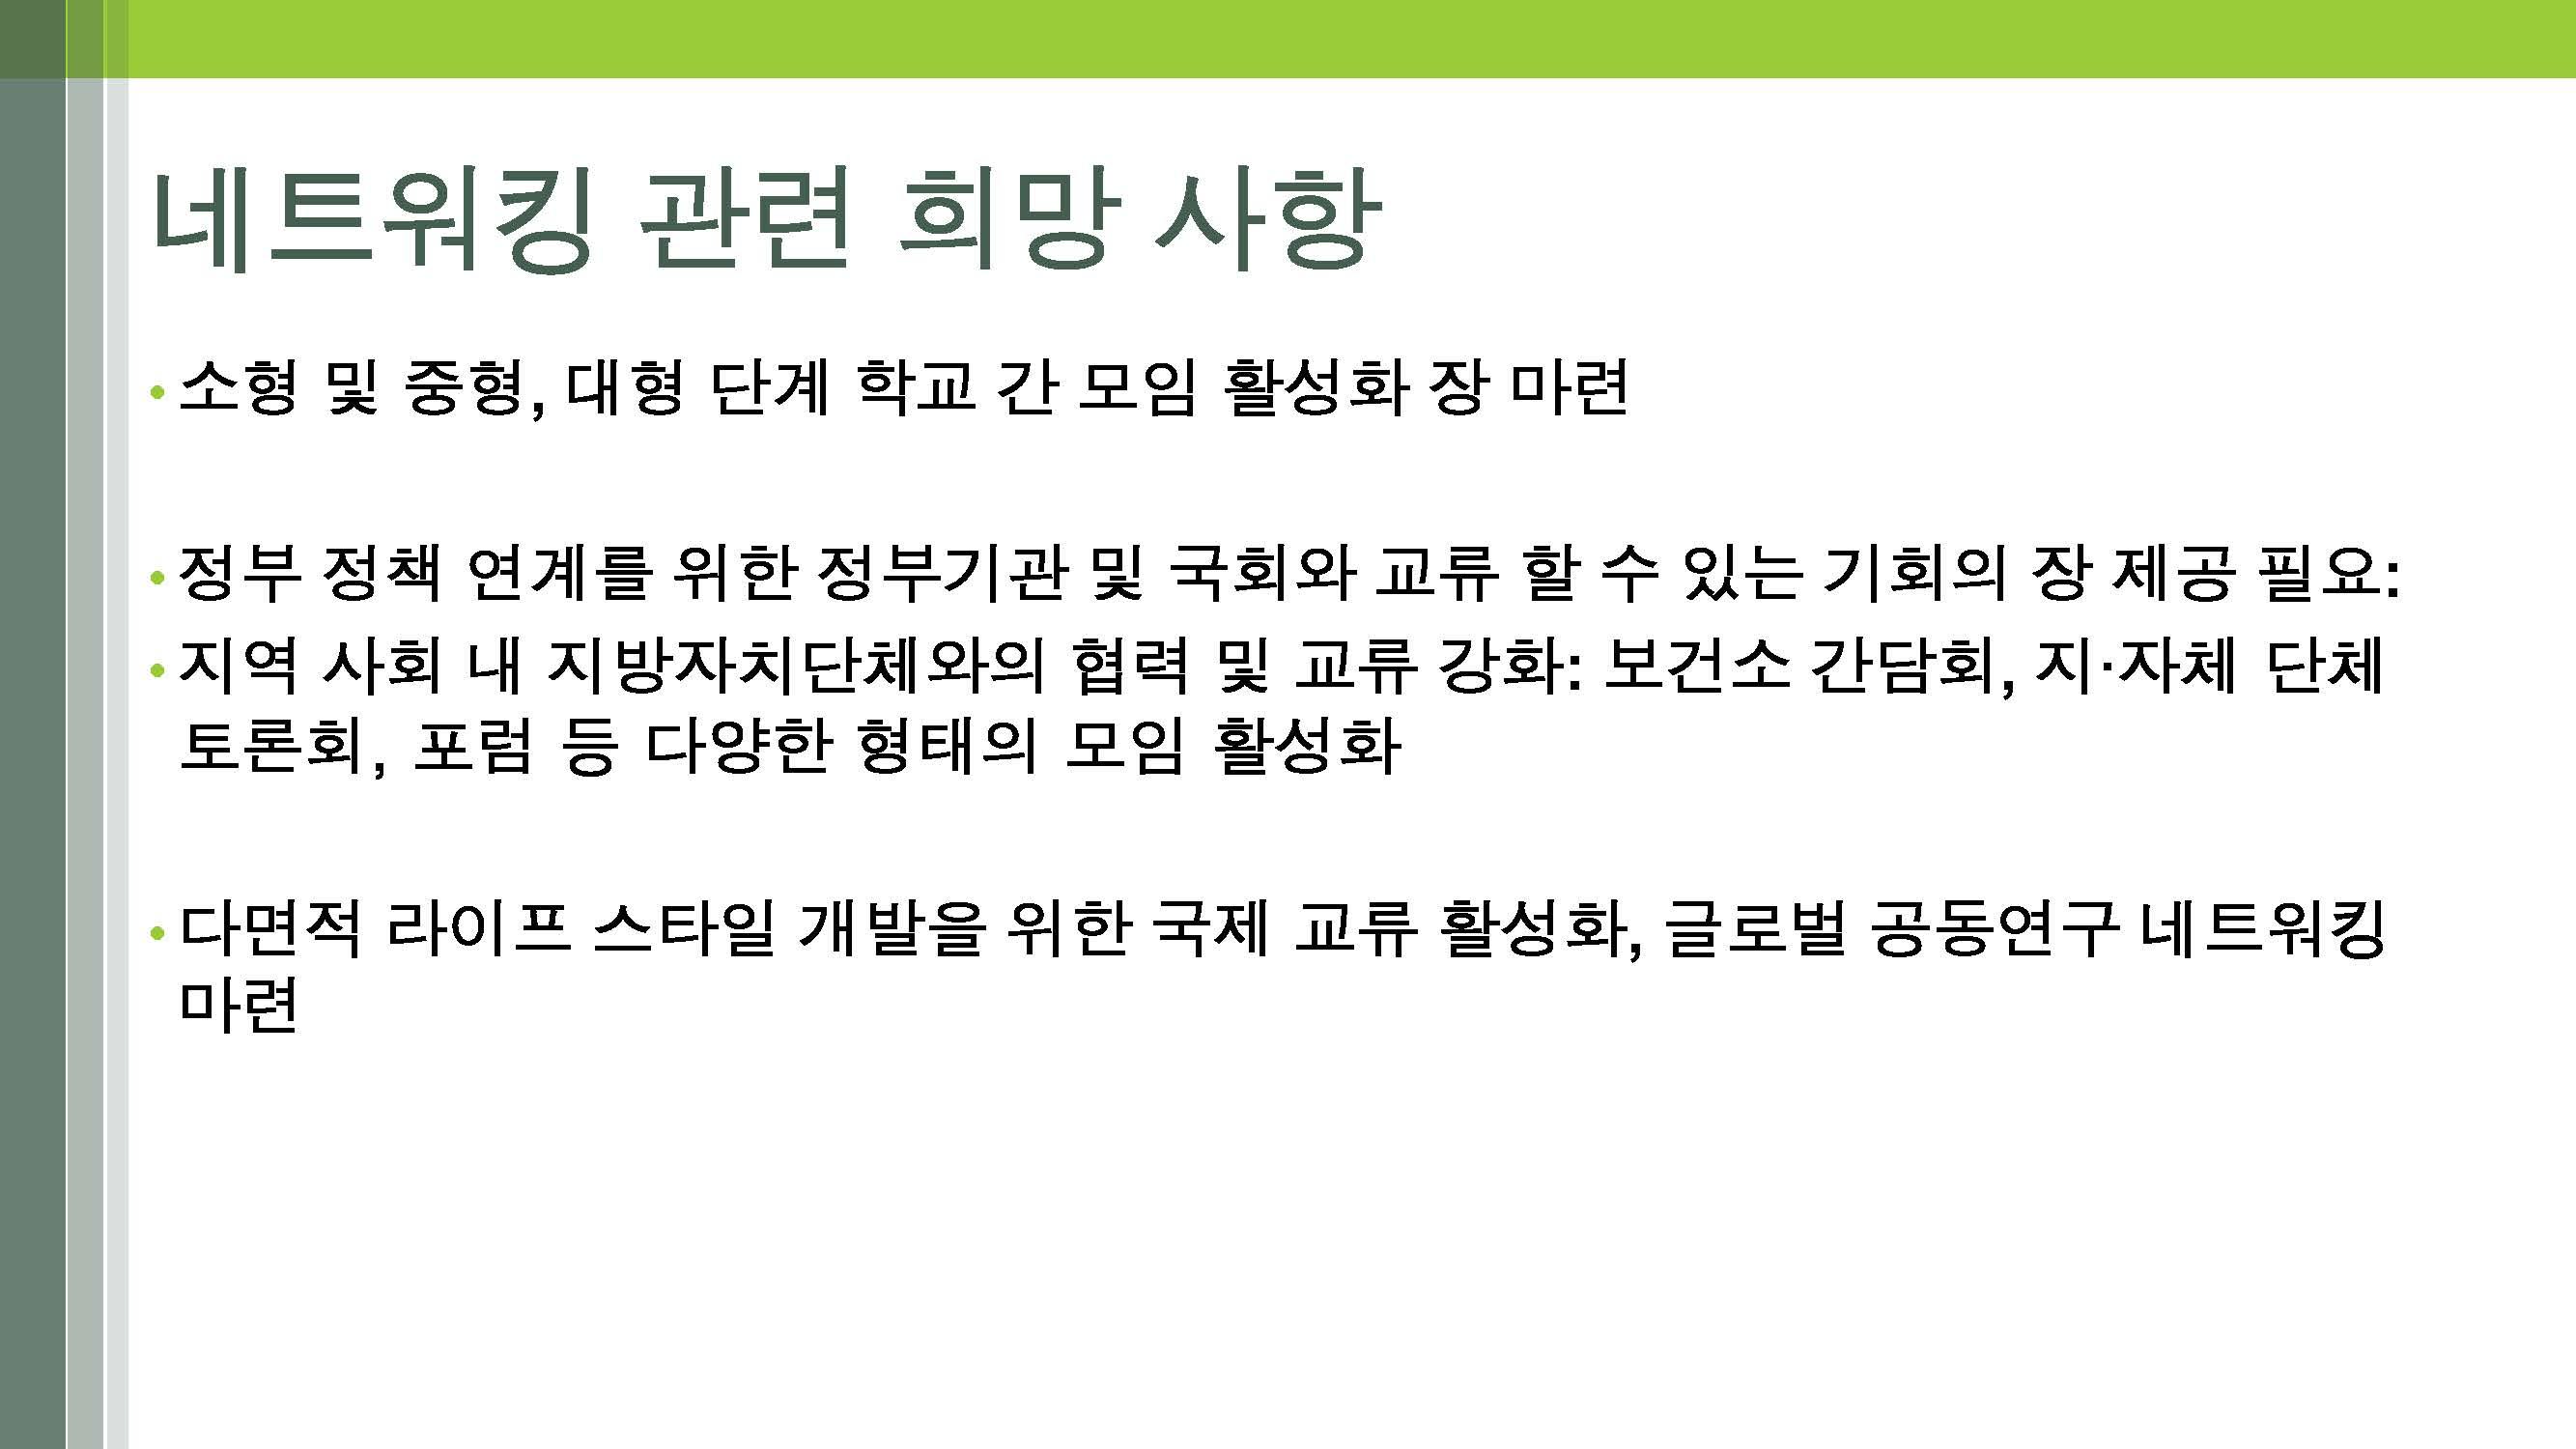 노인의 다면적 라이프스타일 개발(연세대-박지혁) (최종)_페이지_29